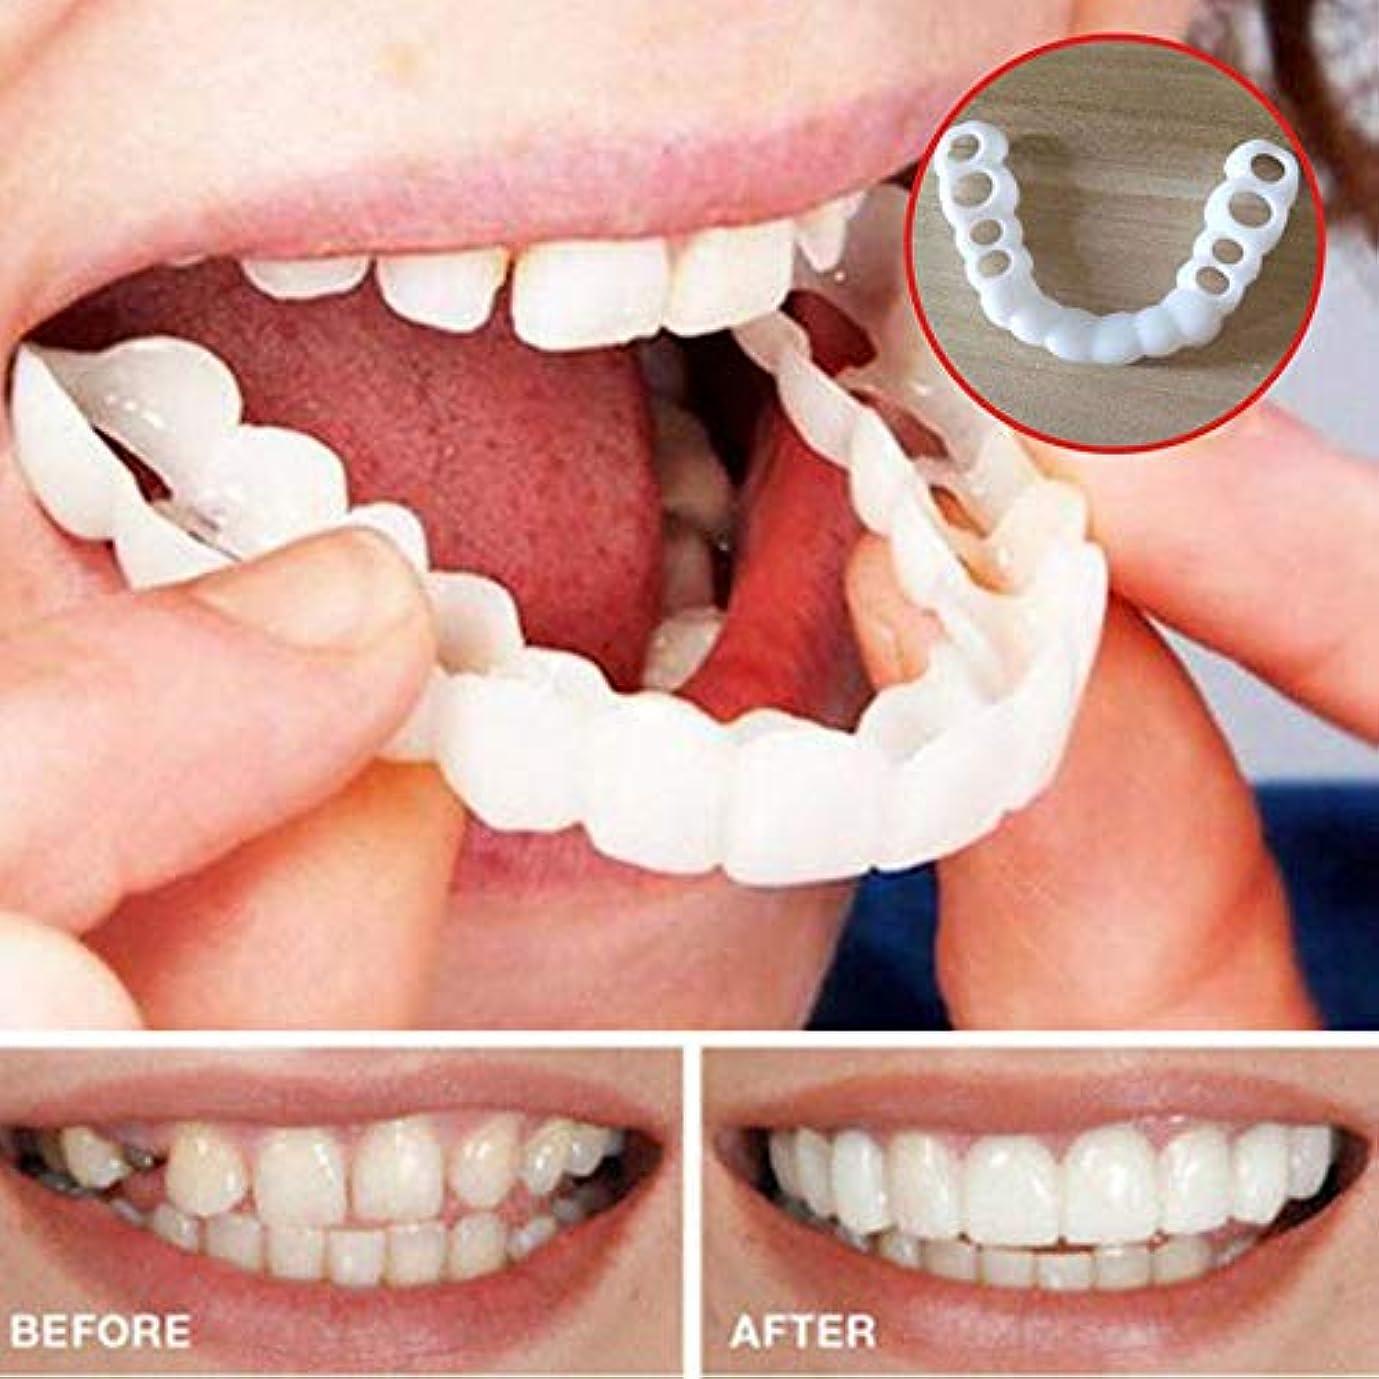 船尾実施する主婦シリコンシミュレーション歯ホワイトニングブレース(2個),Upper